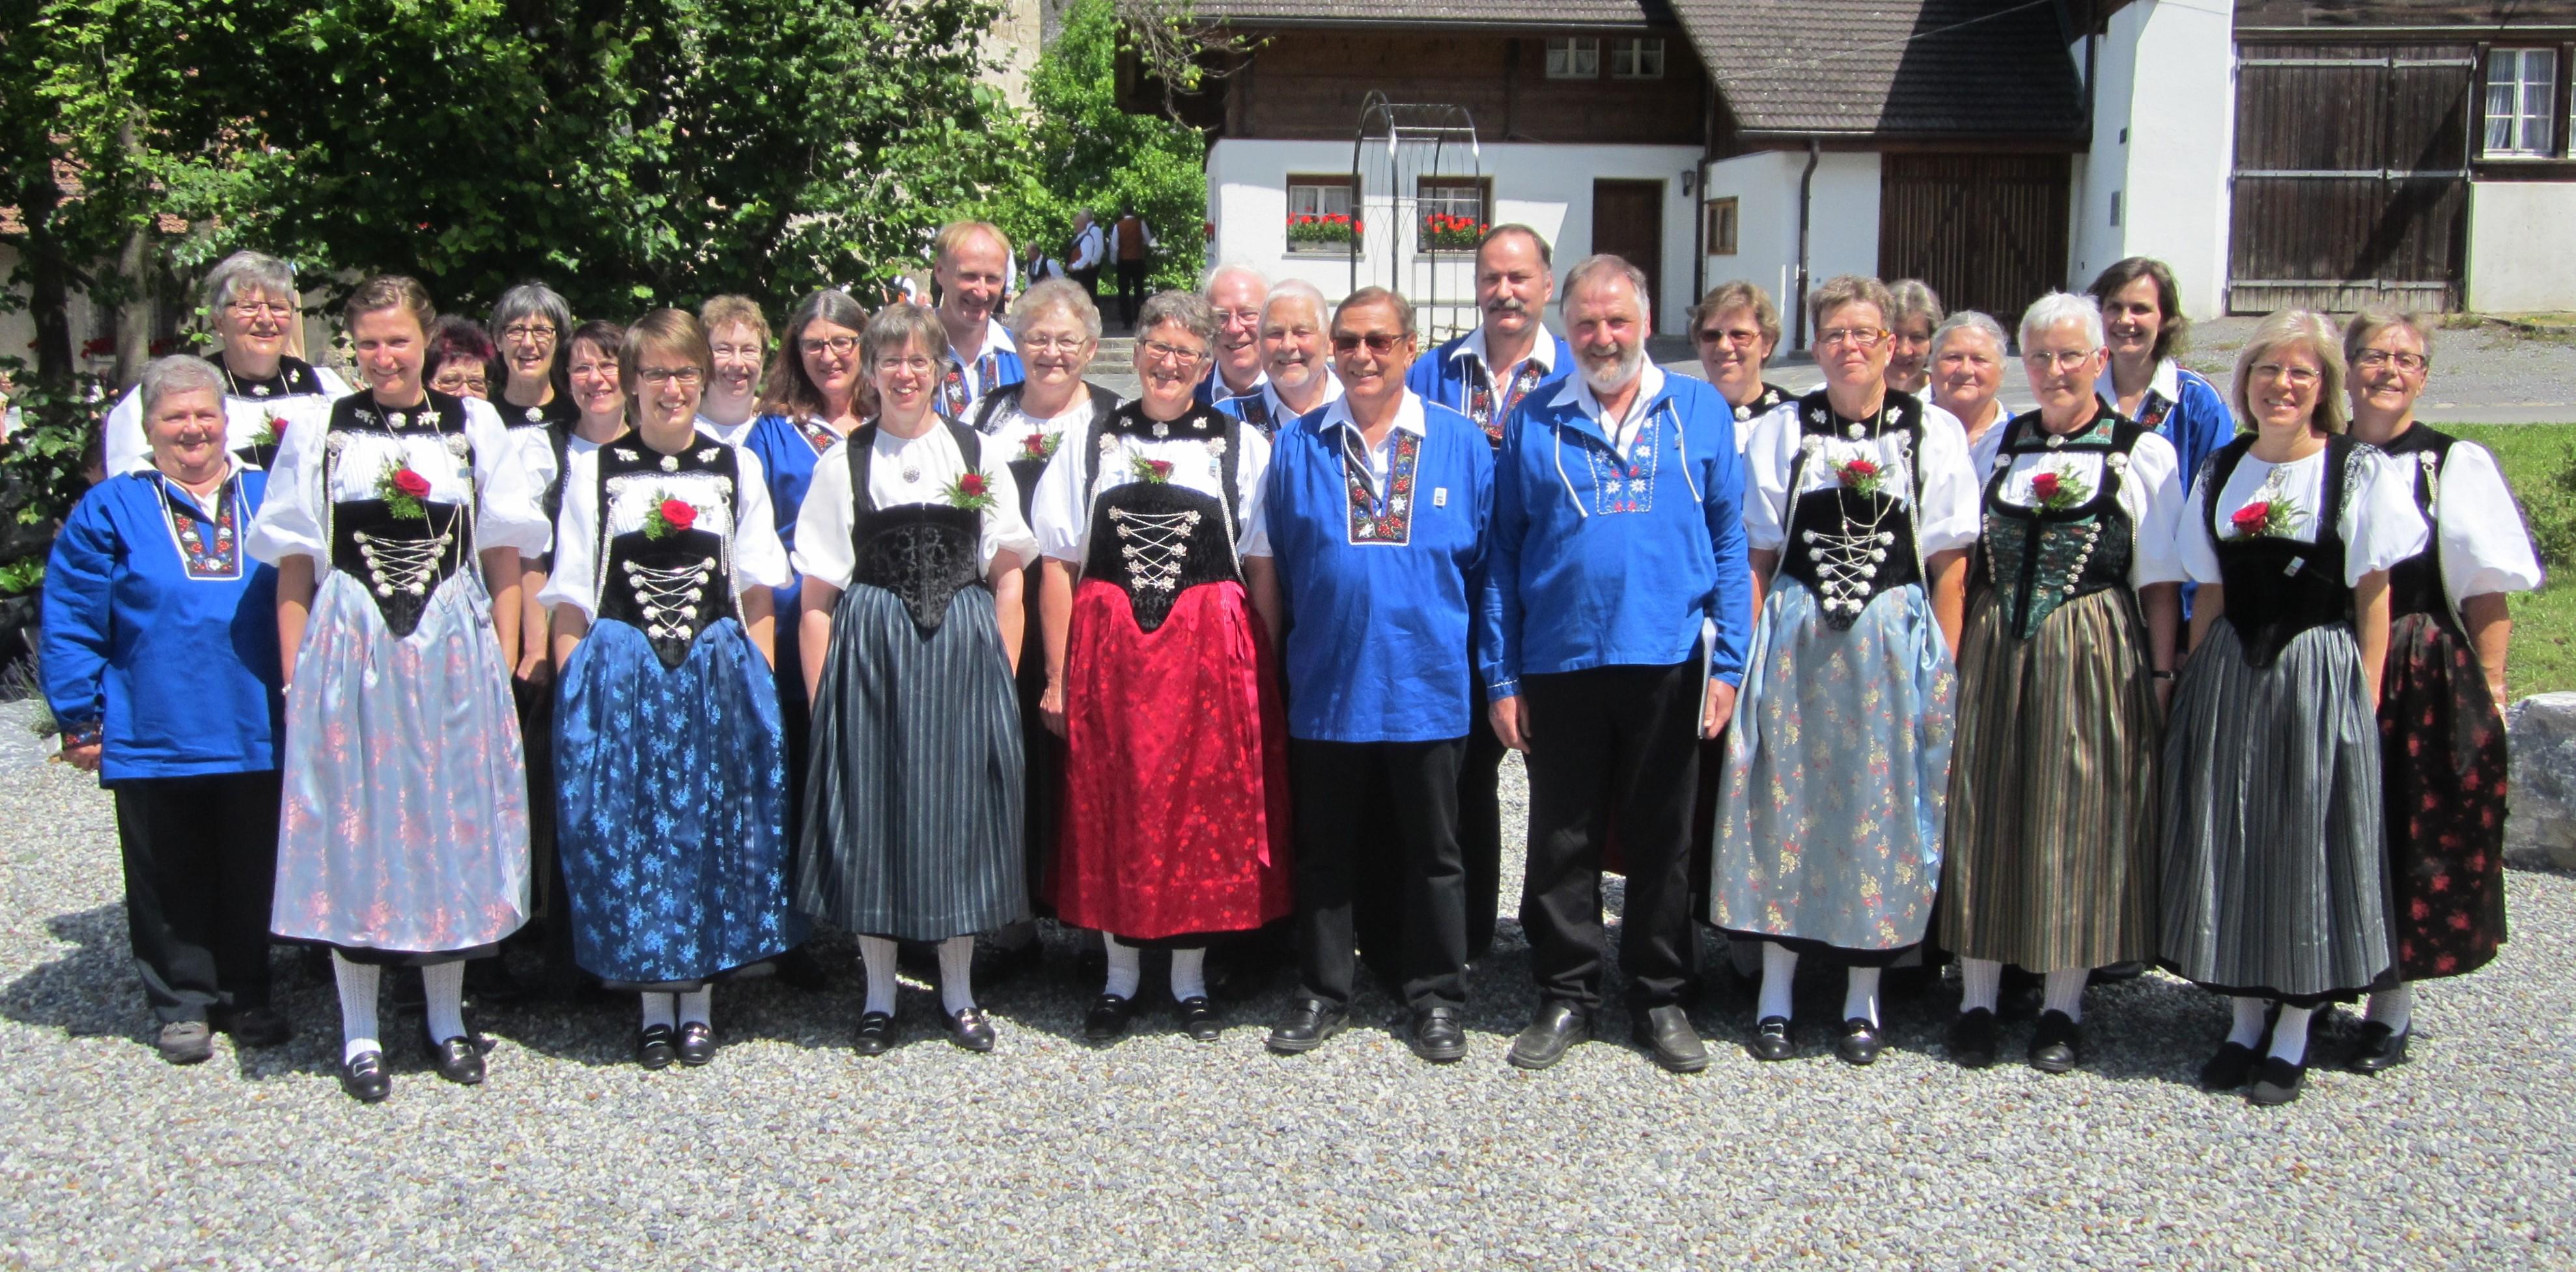 Sängerfründe in Meiringen